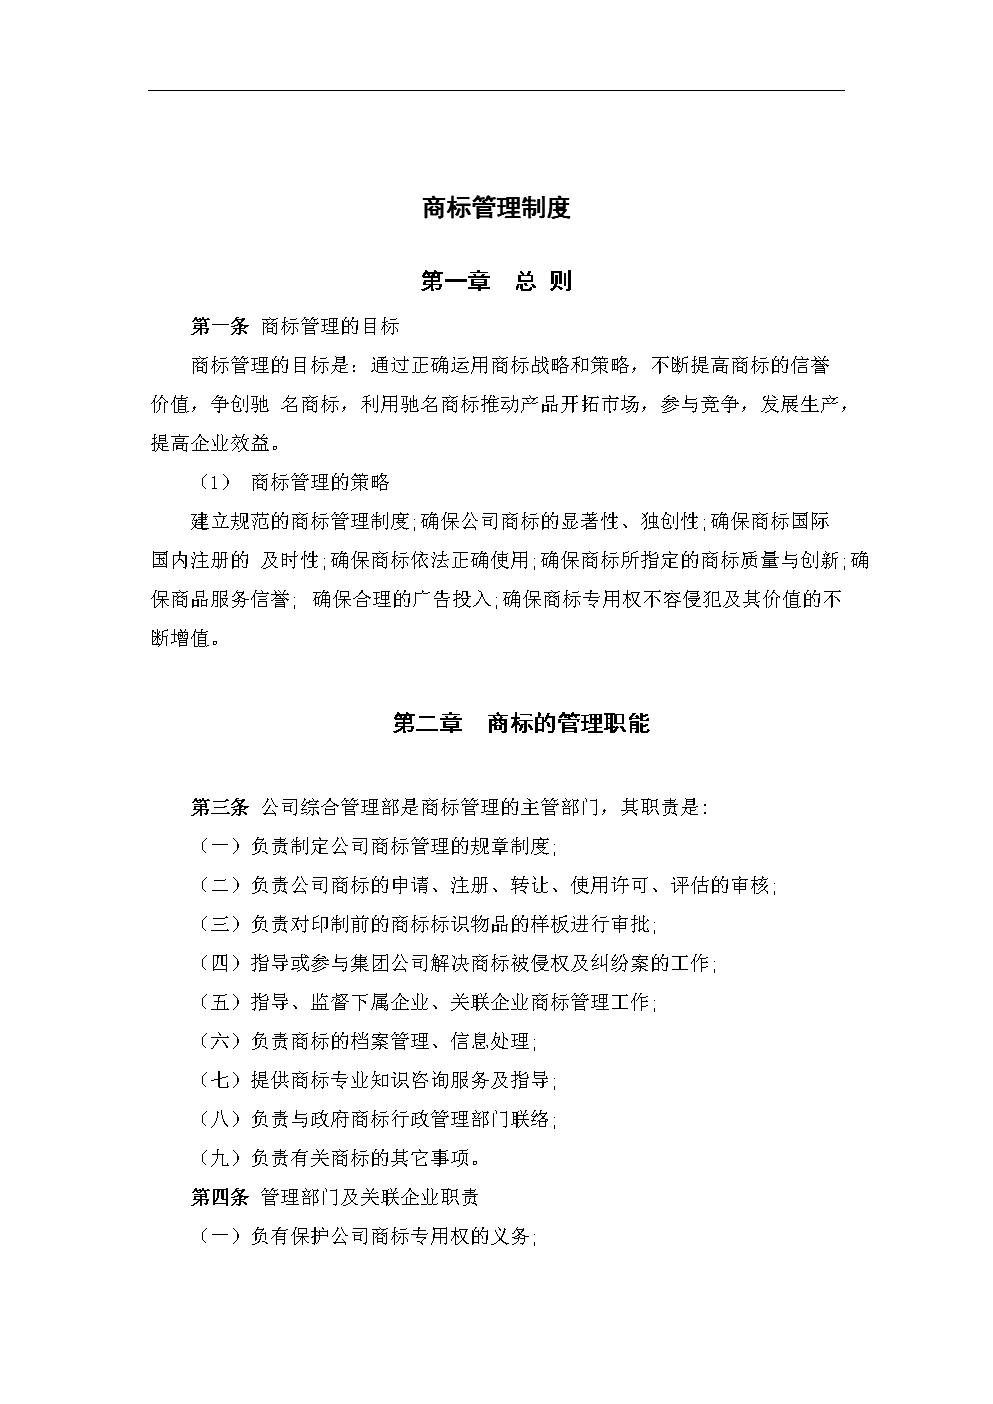 建材公司形象宣传类制度模版.doc